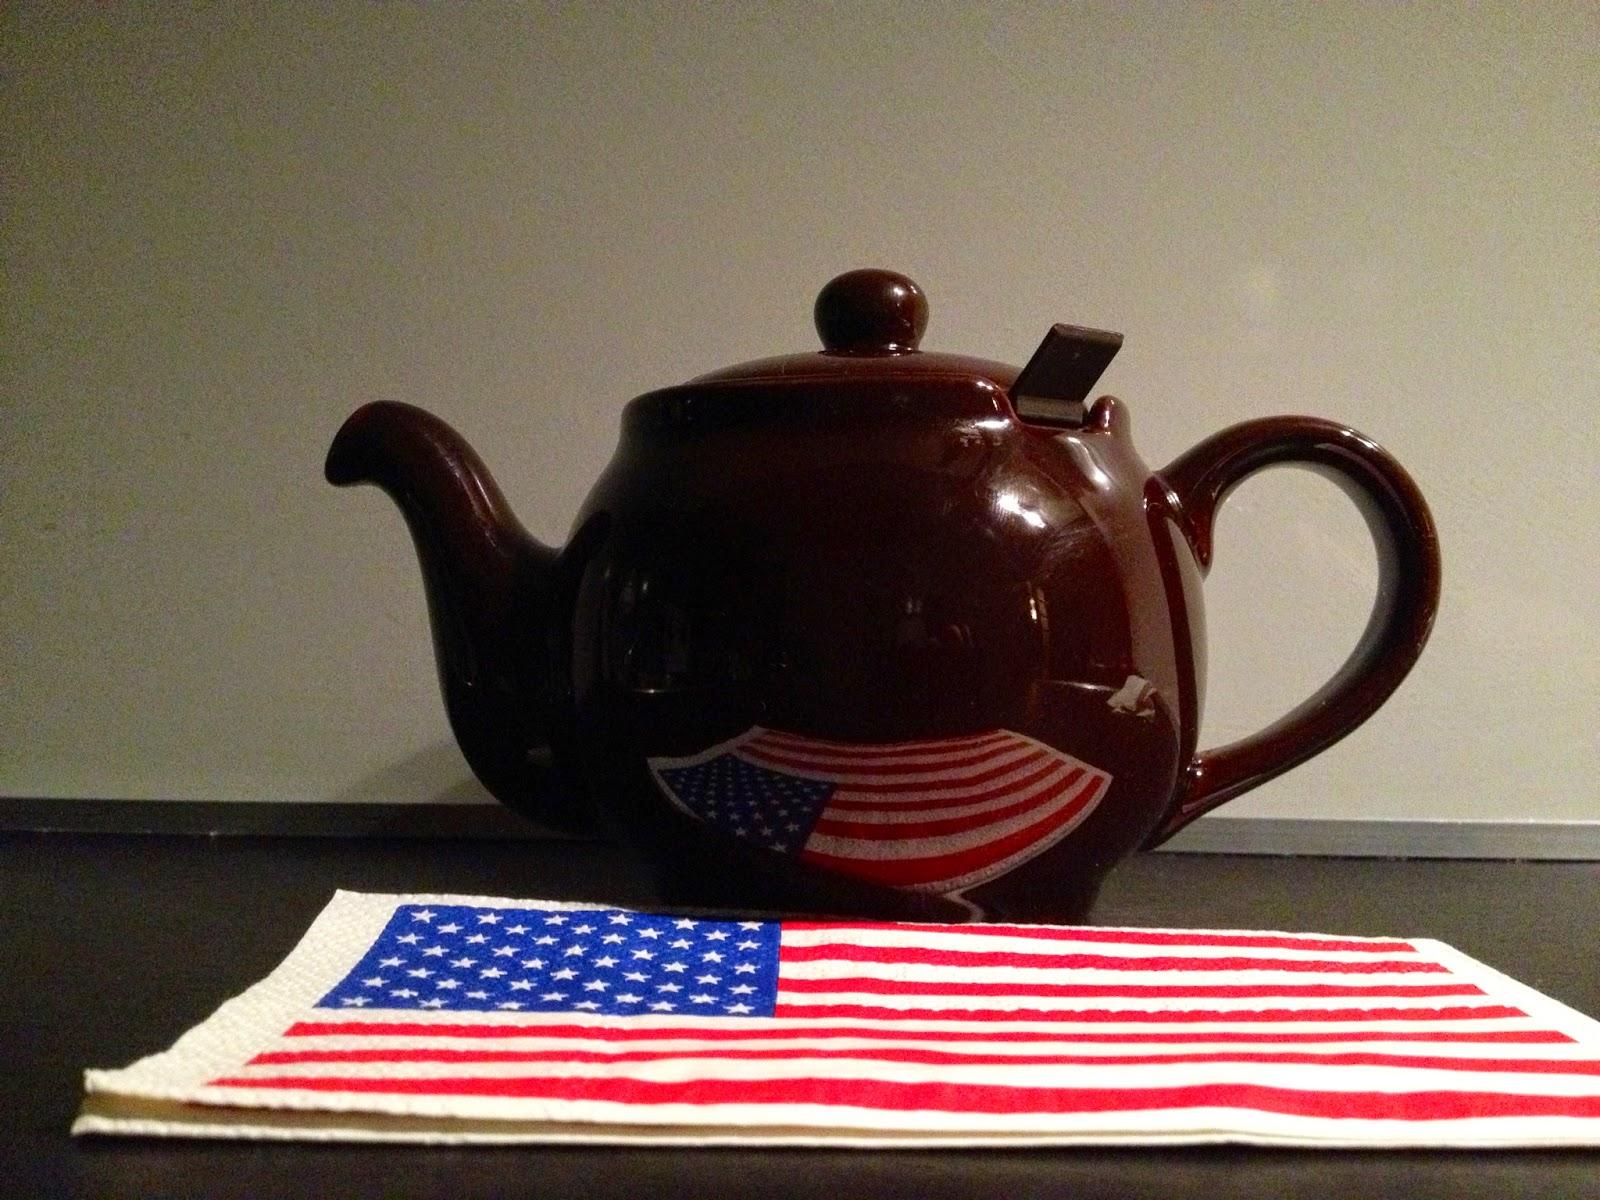 The Boston Tea Party - Álvaro García - alvarogp - el troblogdita - el gastrónomo